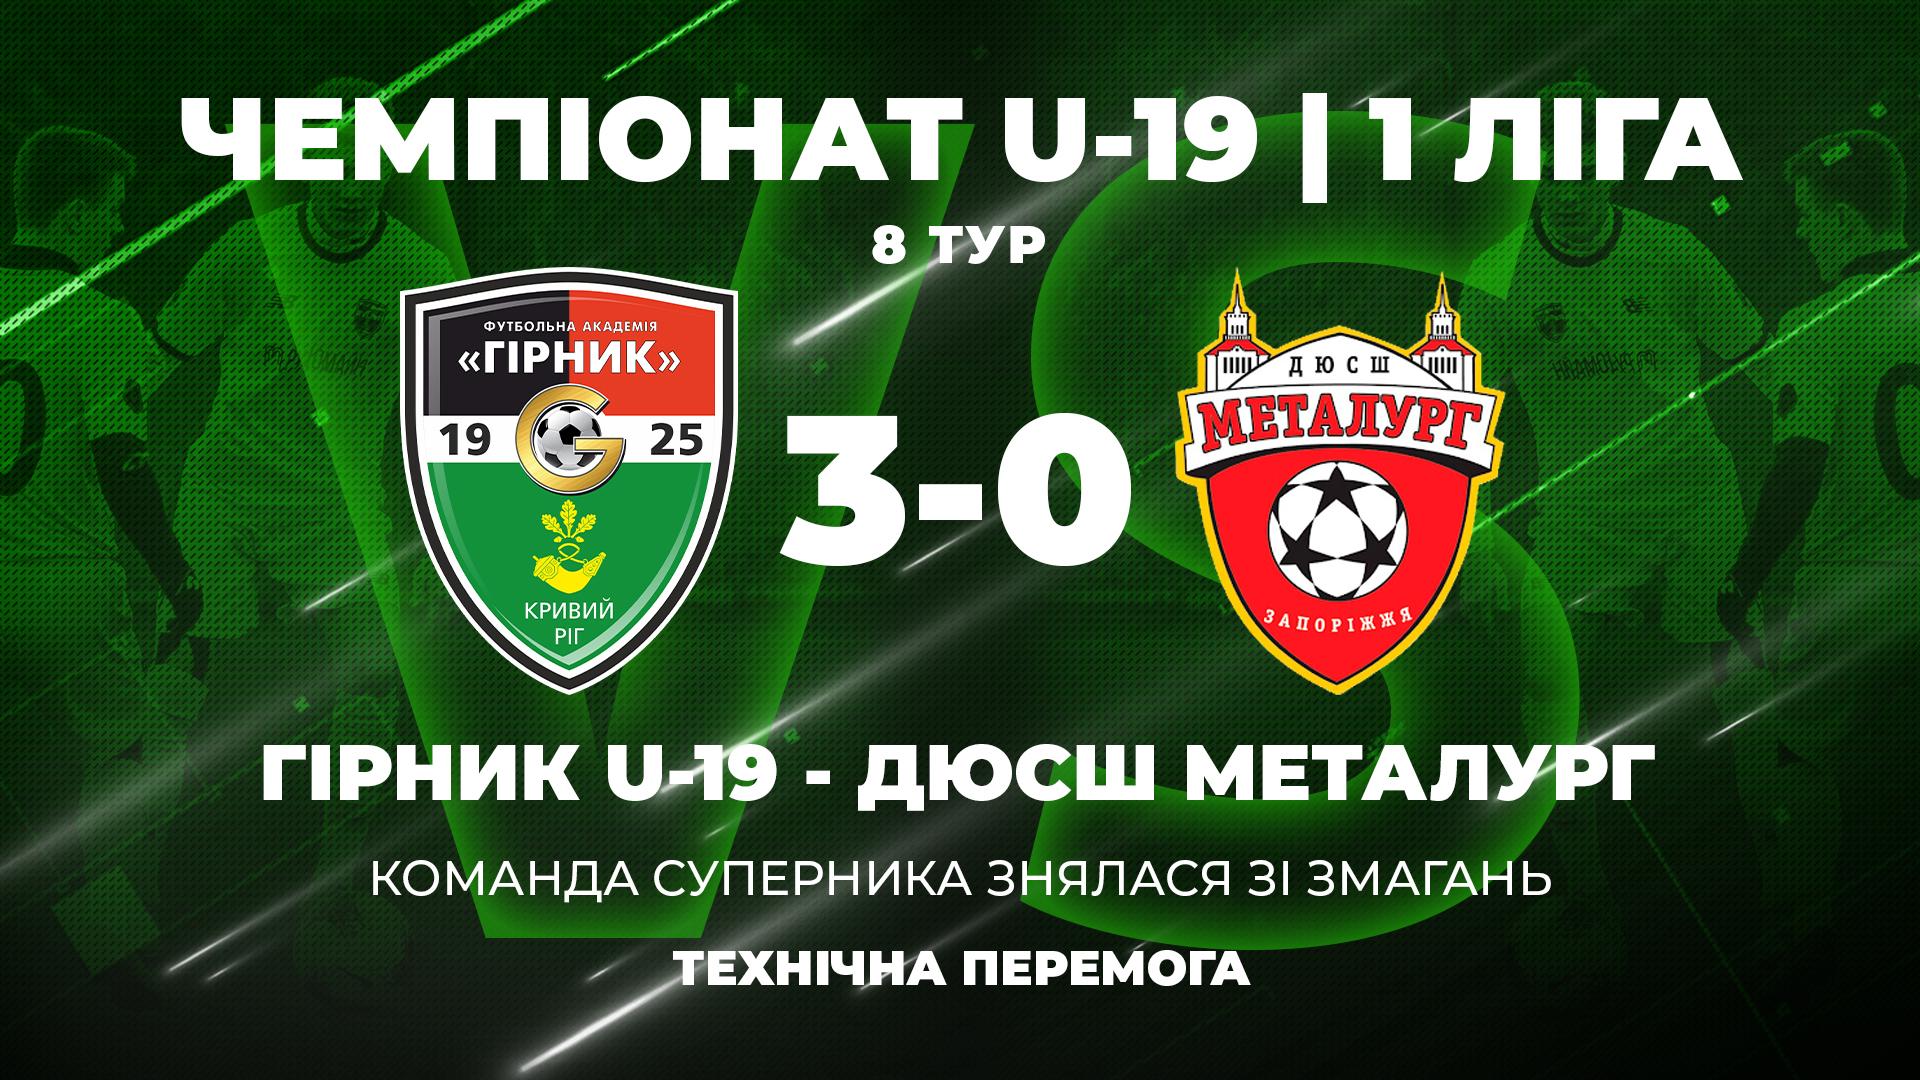 """""""Гірник"""" U-19 - СДЮШОР """"Металург"""" U-19: технічна перемога"""